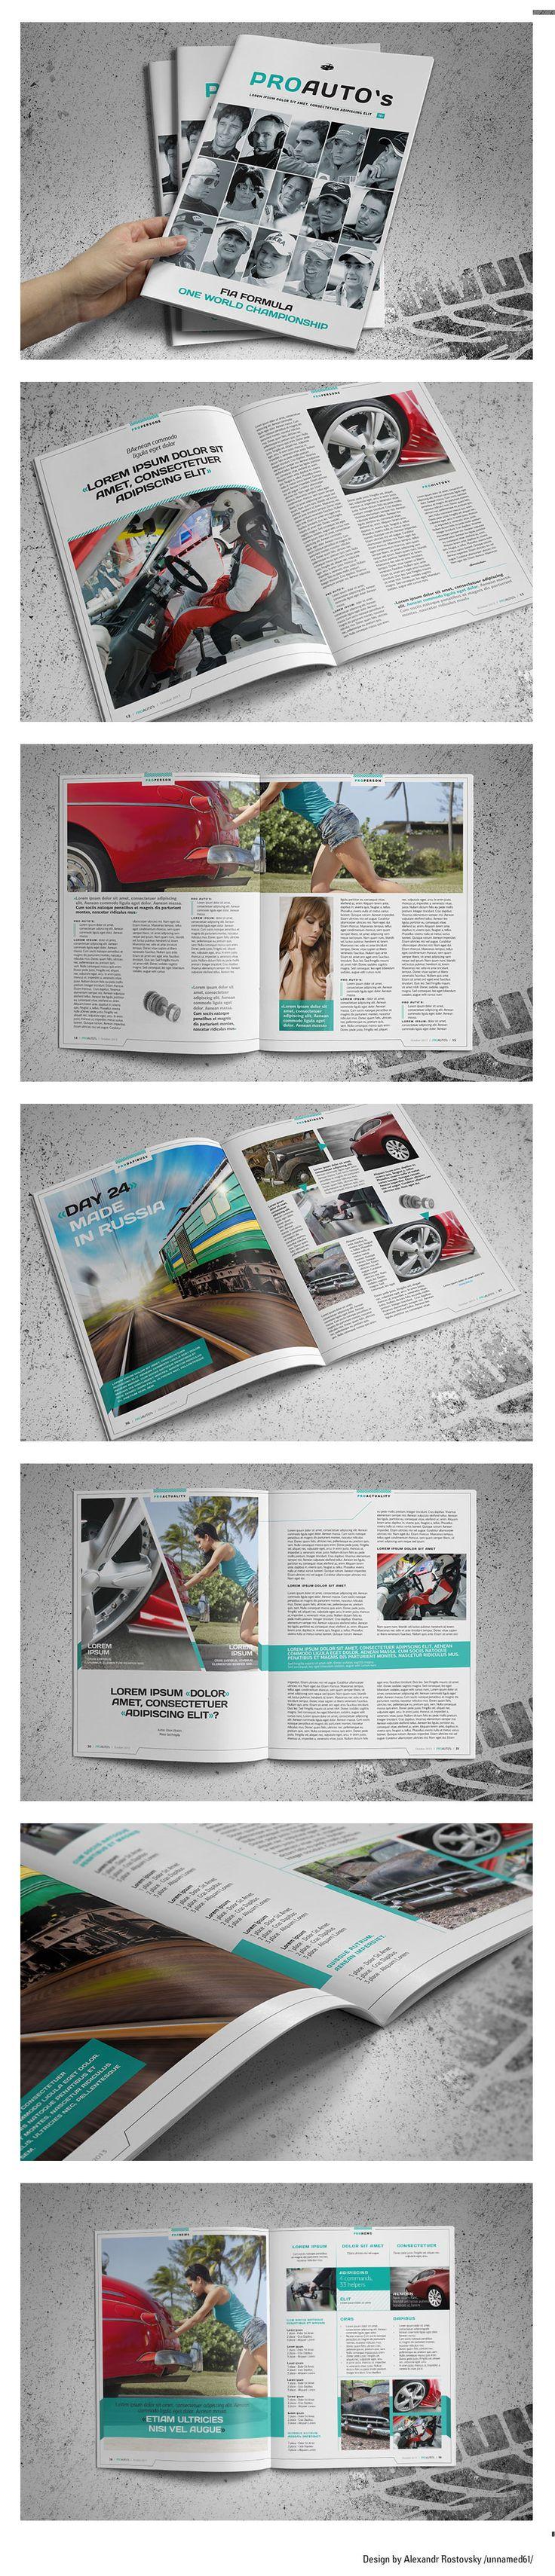 Автомобильный журнал. Дизайн продаётся. (Полиграфическая верстка) - фри-лансер ALEX KOIN [unnamed61].